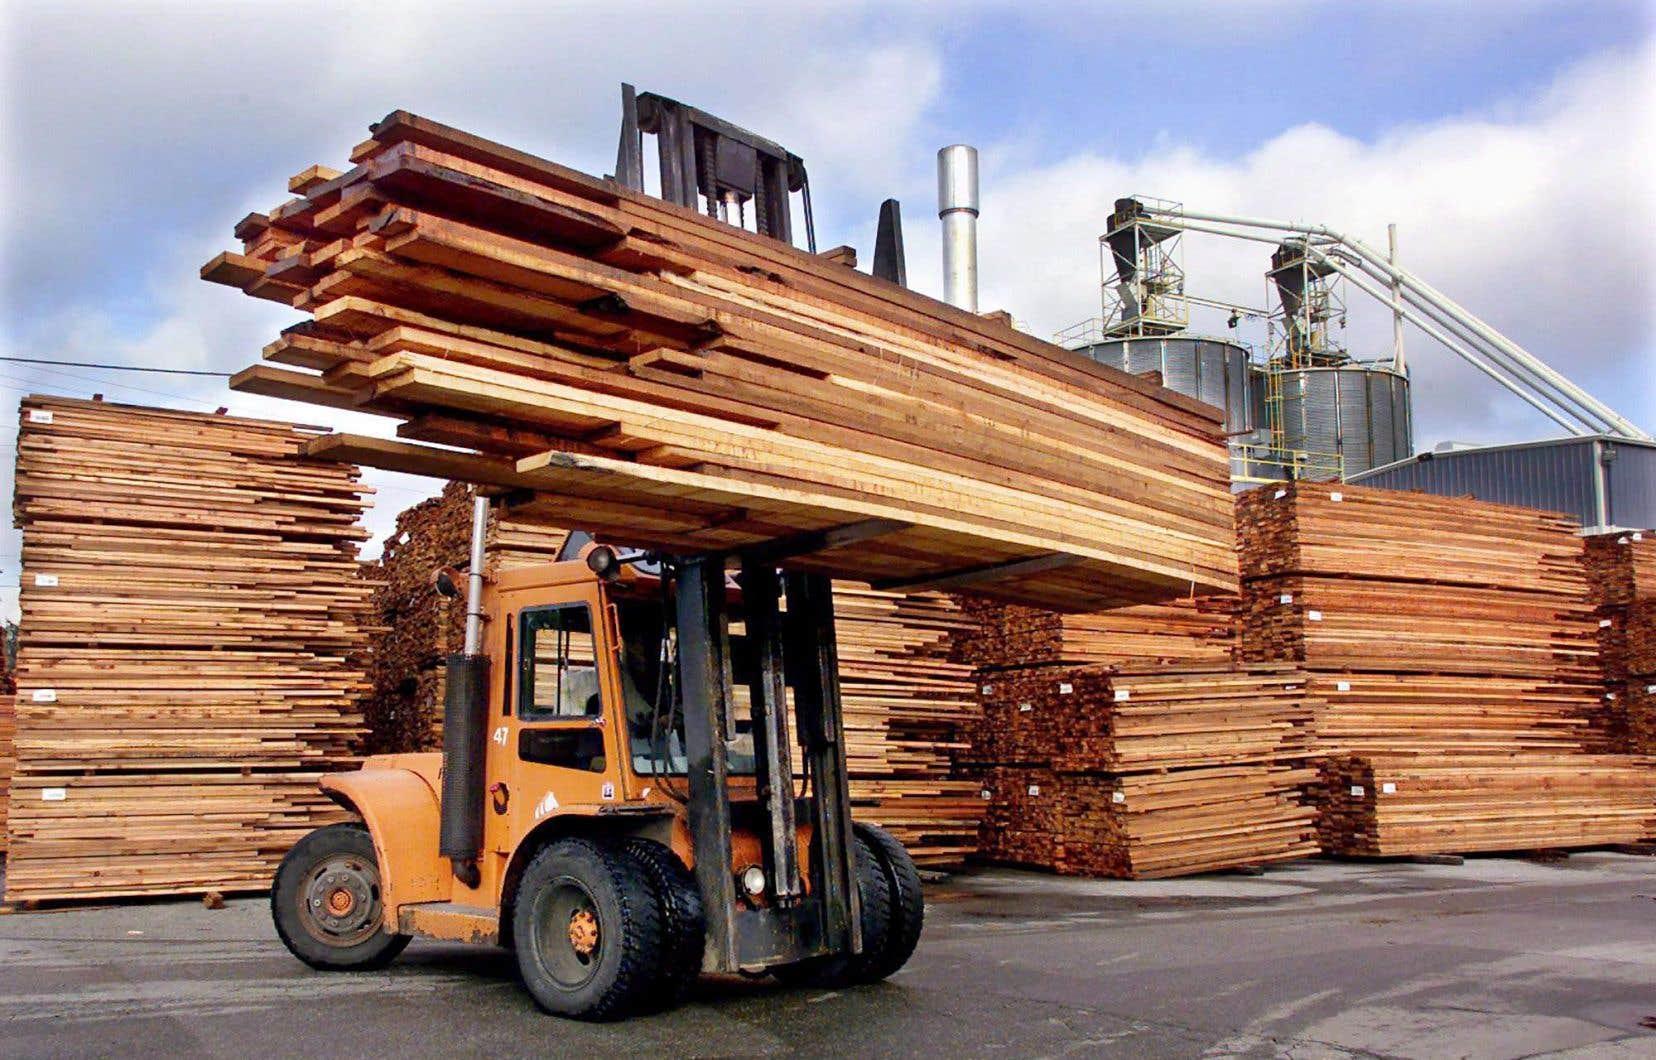 Le Canada et les États-Unis devront négocier un accord sur le bois d'œuvre.